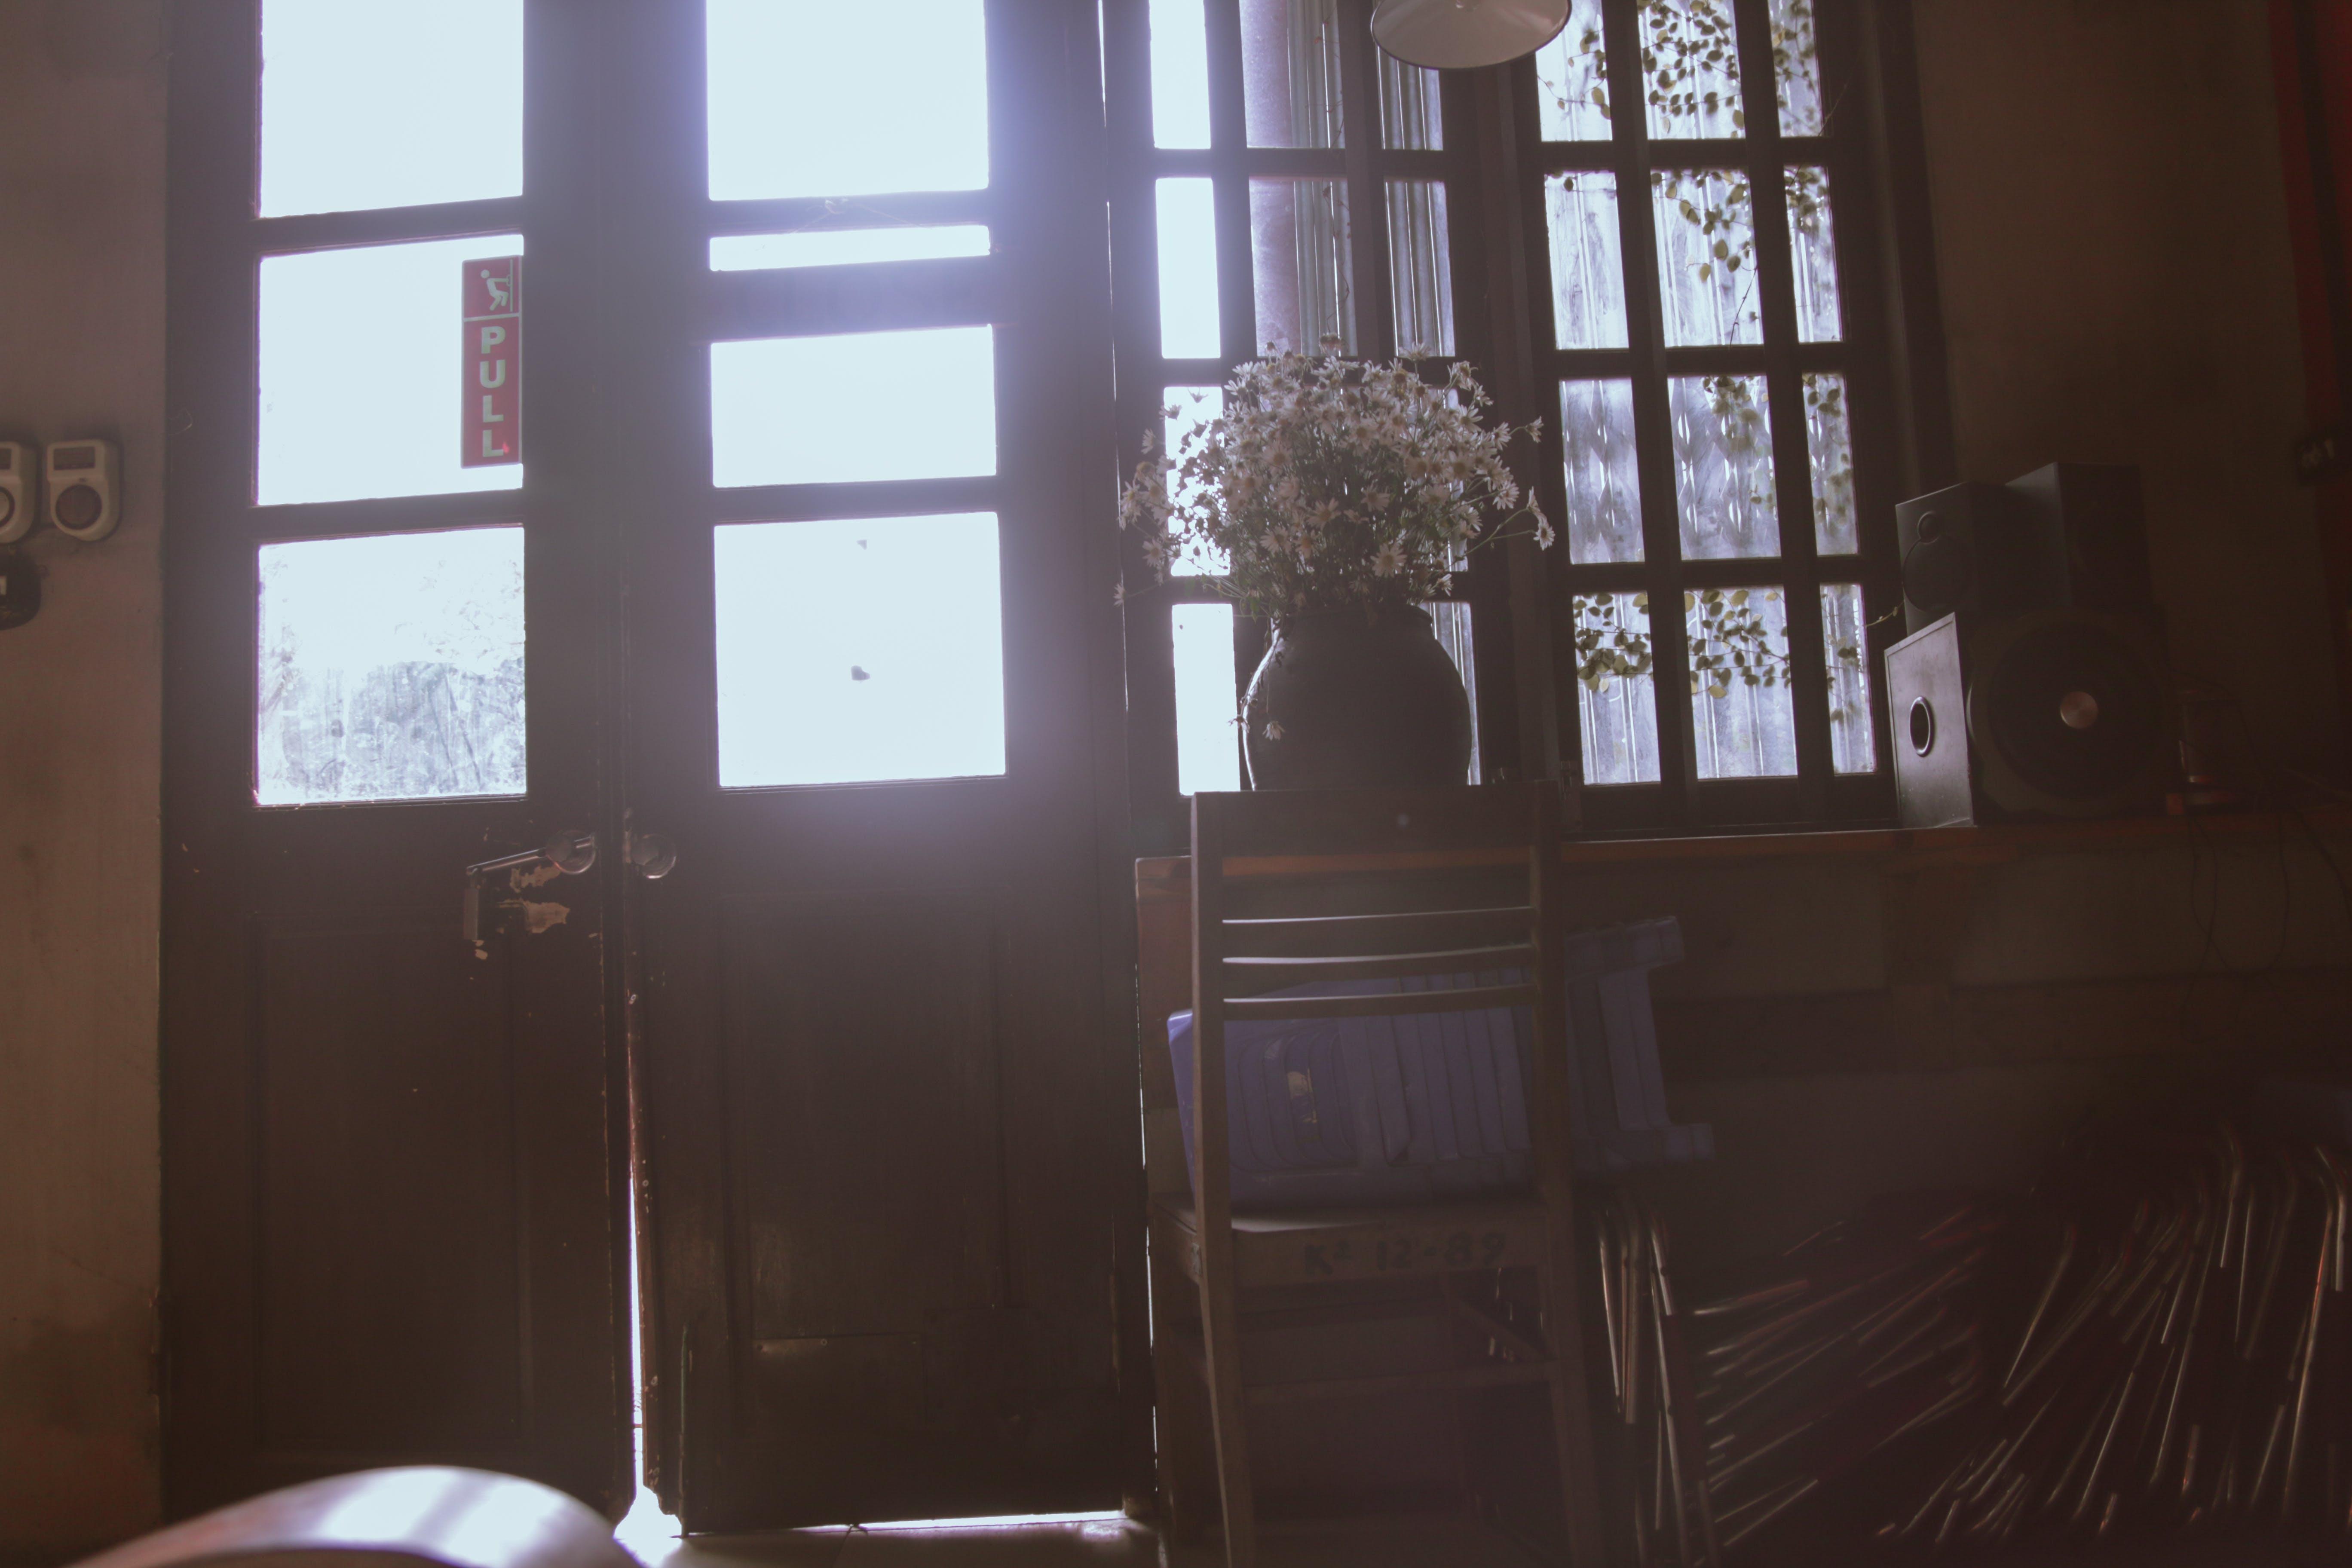 Photo of Closed Brown Wooden Door